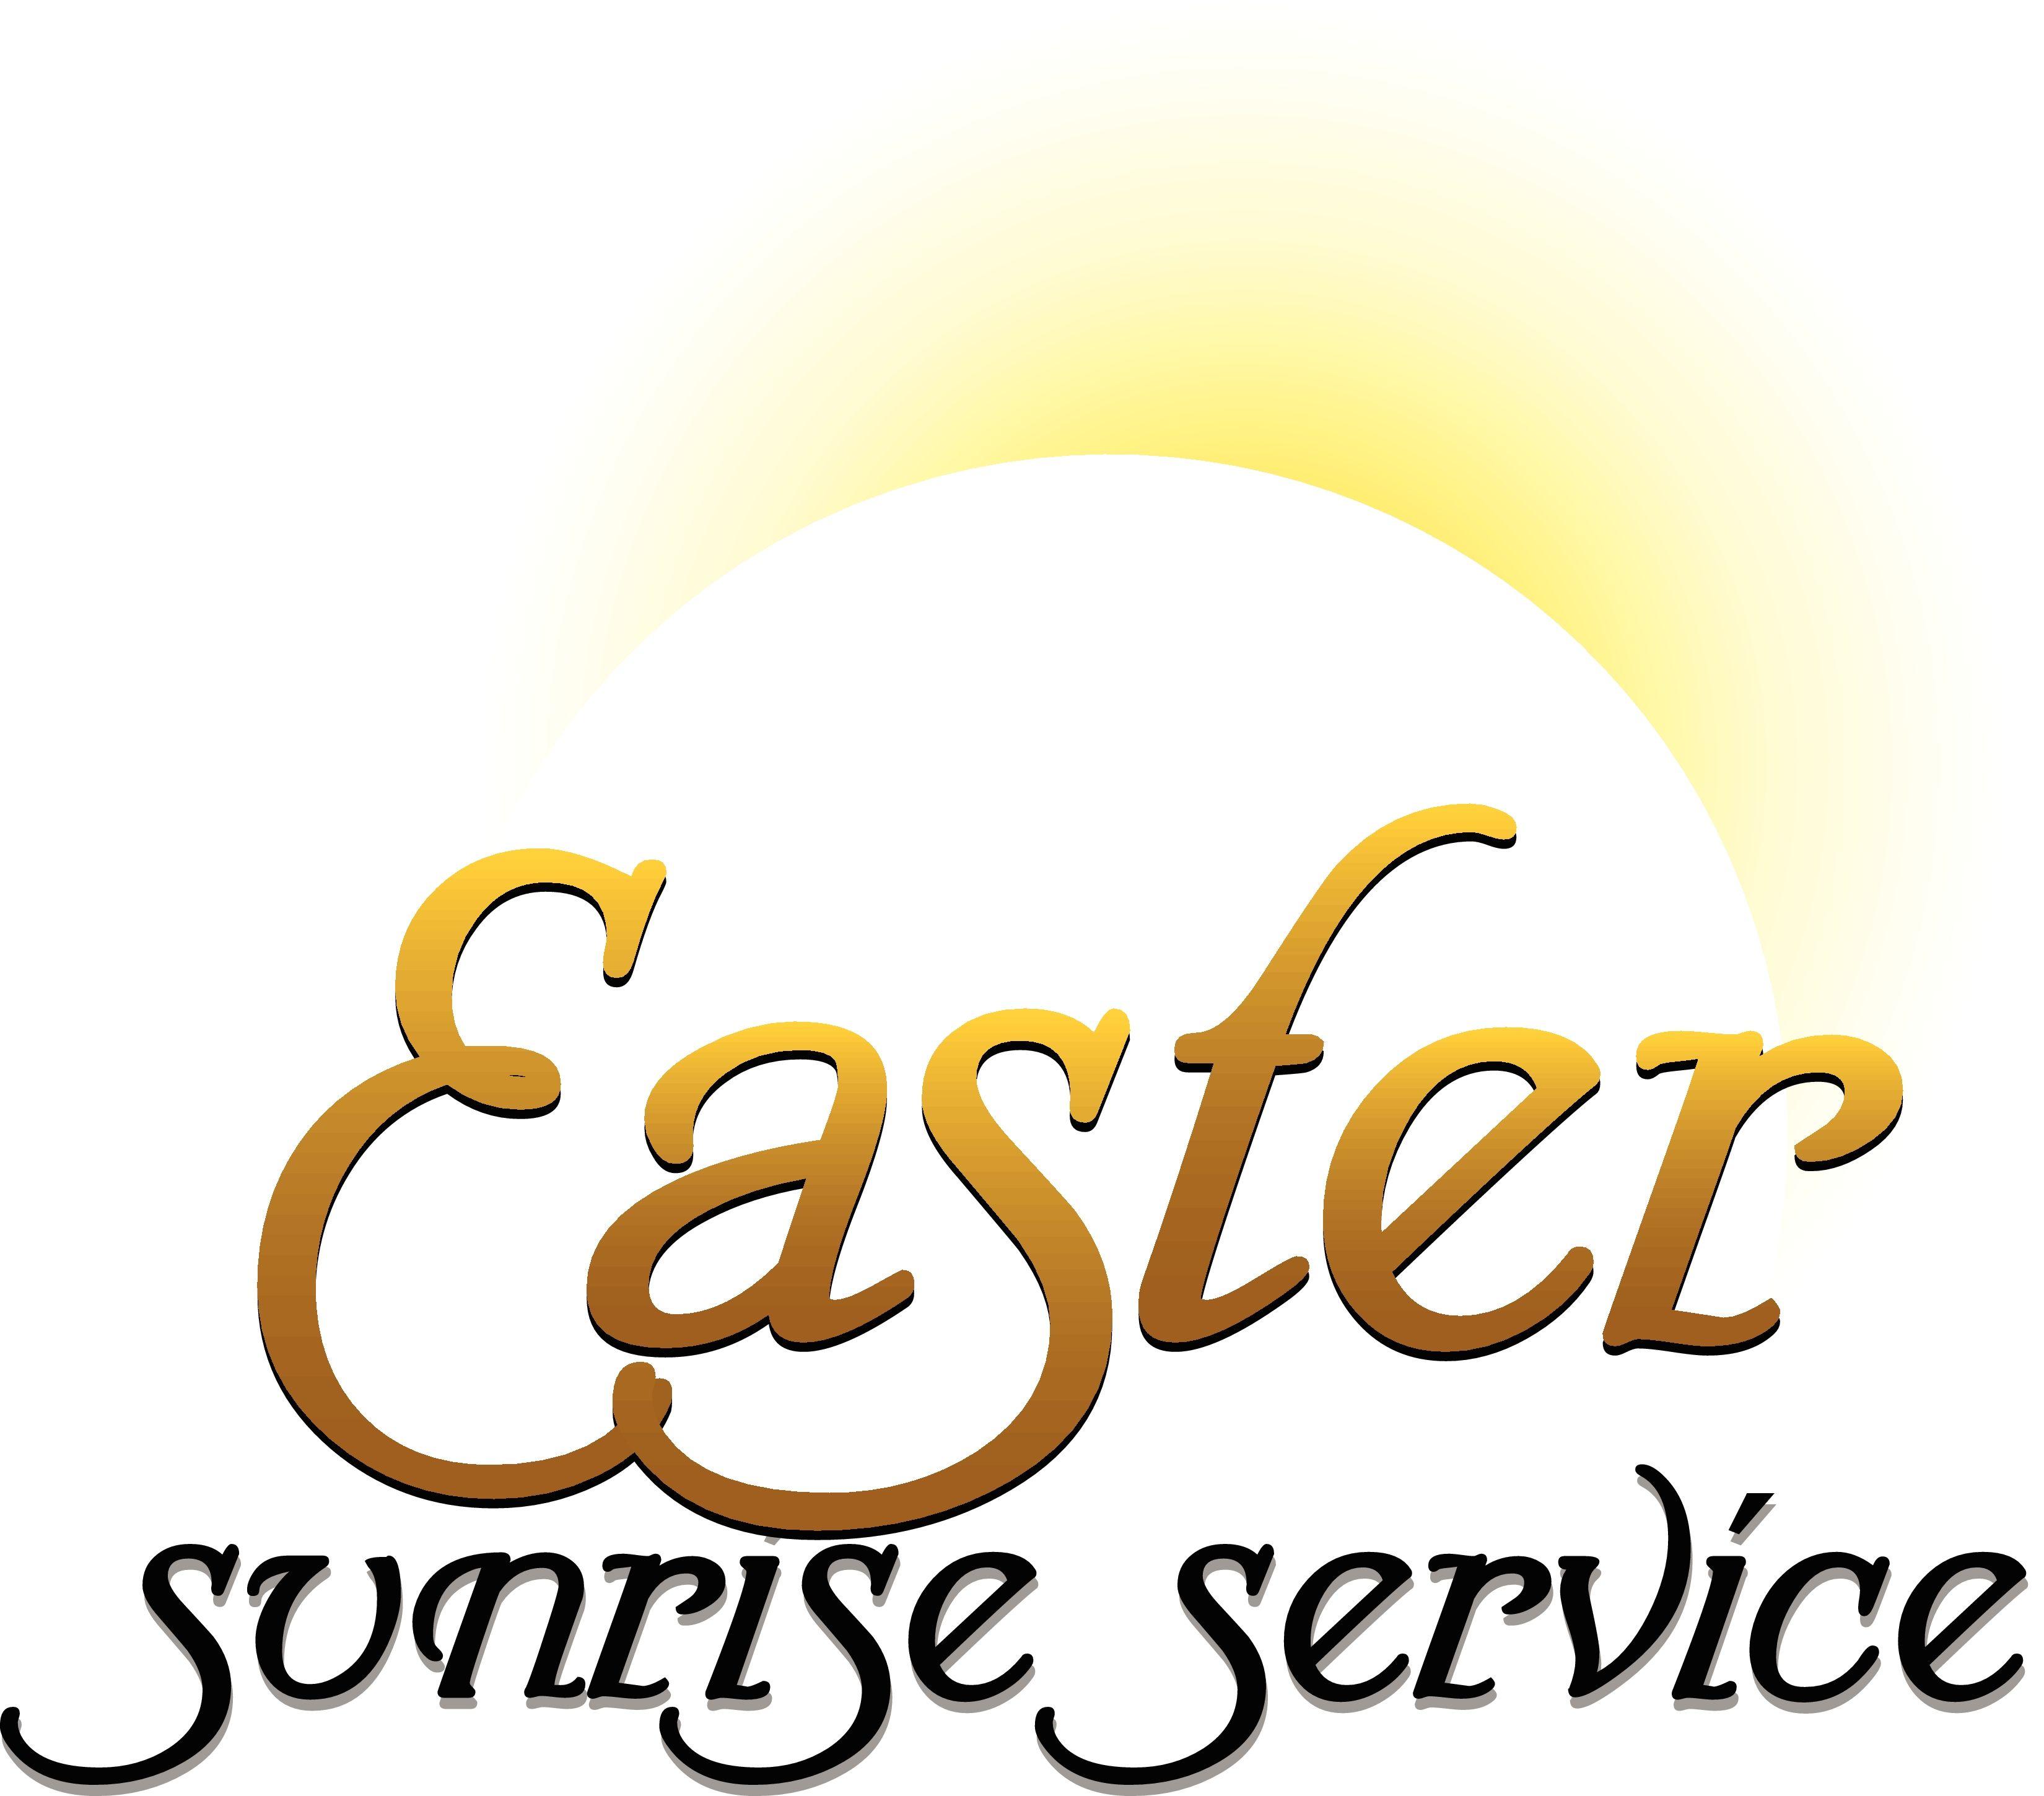 sunrise clip art easter sunrise service easter sunrise service rh pinterest co uk Easter Cross Clip Art Easter Resurrection Clip Art